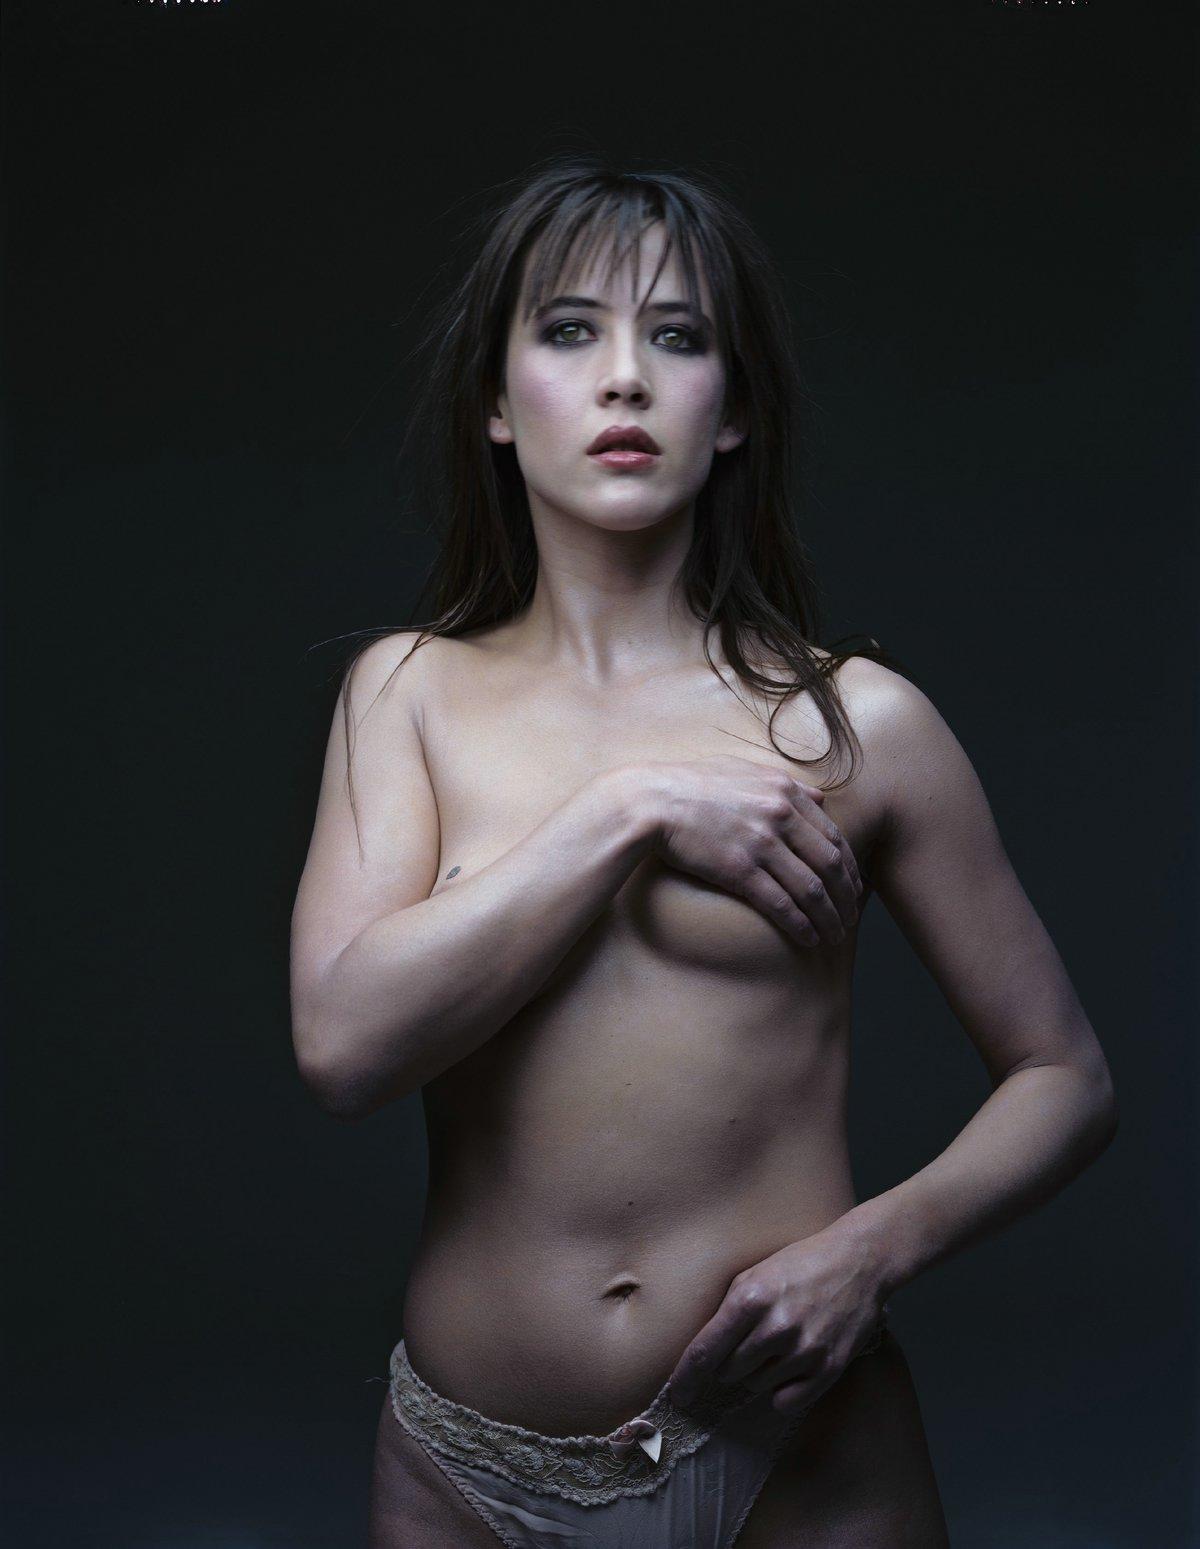 Фото голая софи марсо 21 фотография